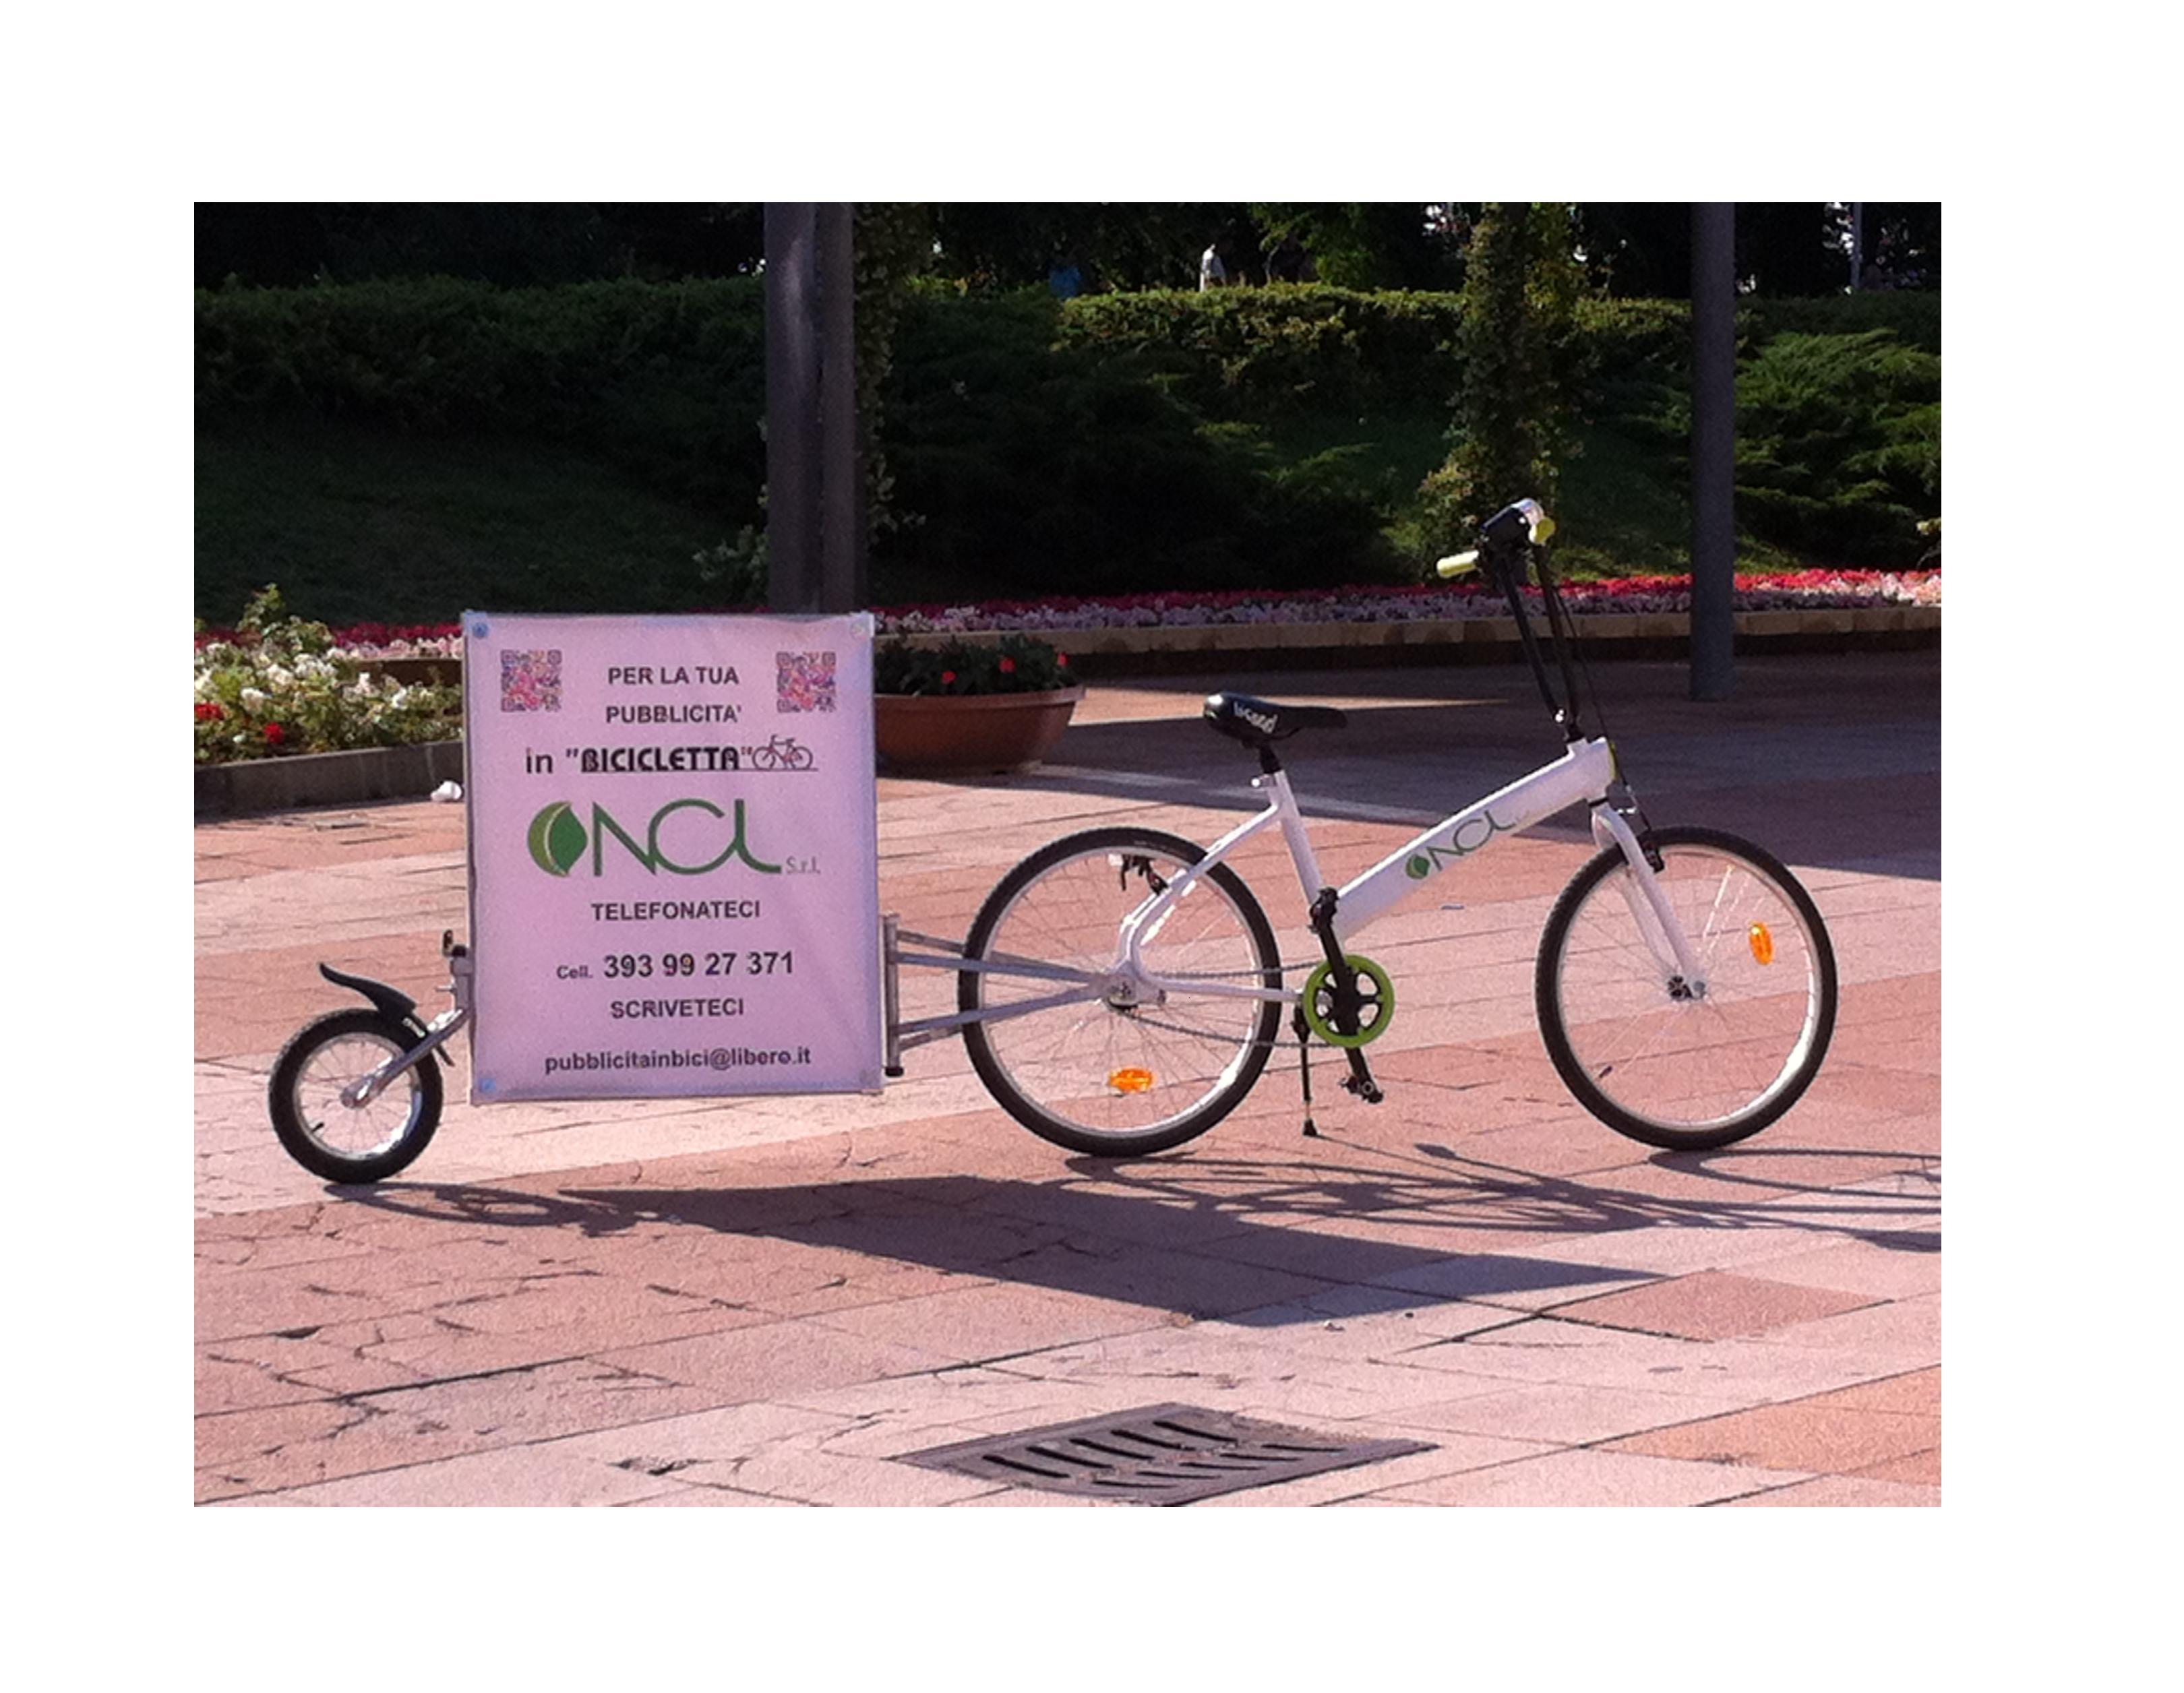 https://www.promotionmagazine.it/wp/wp-content/uploads/2013/06/bike-2.jpg